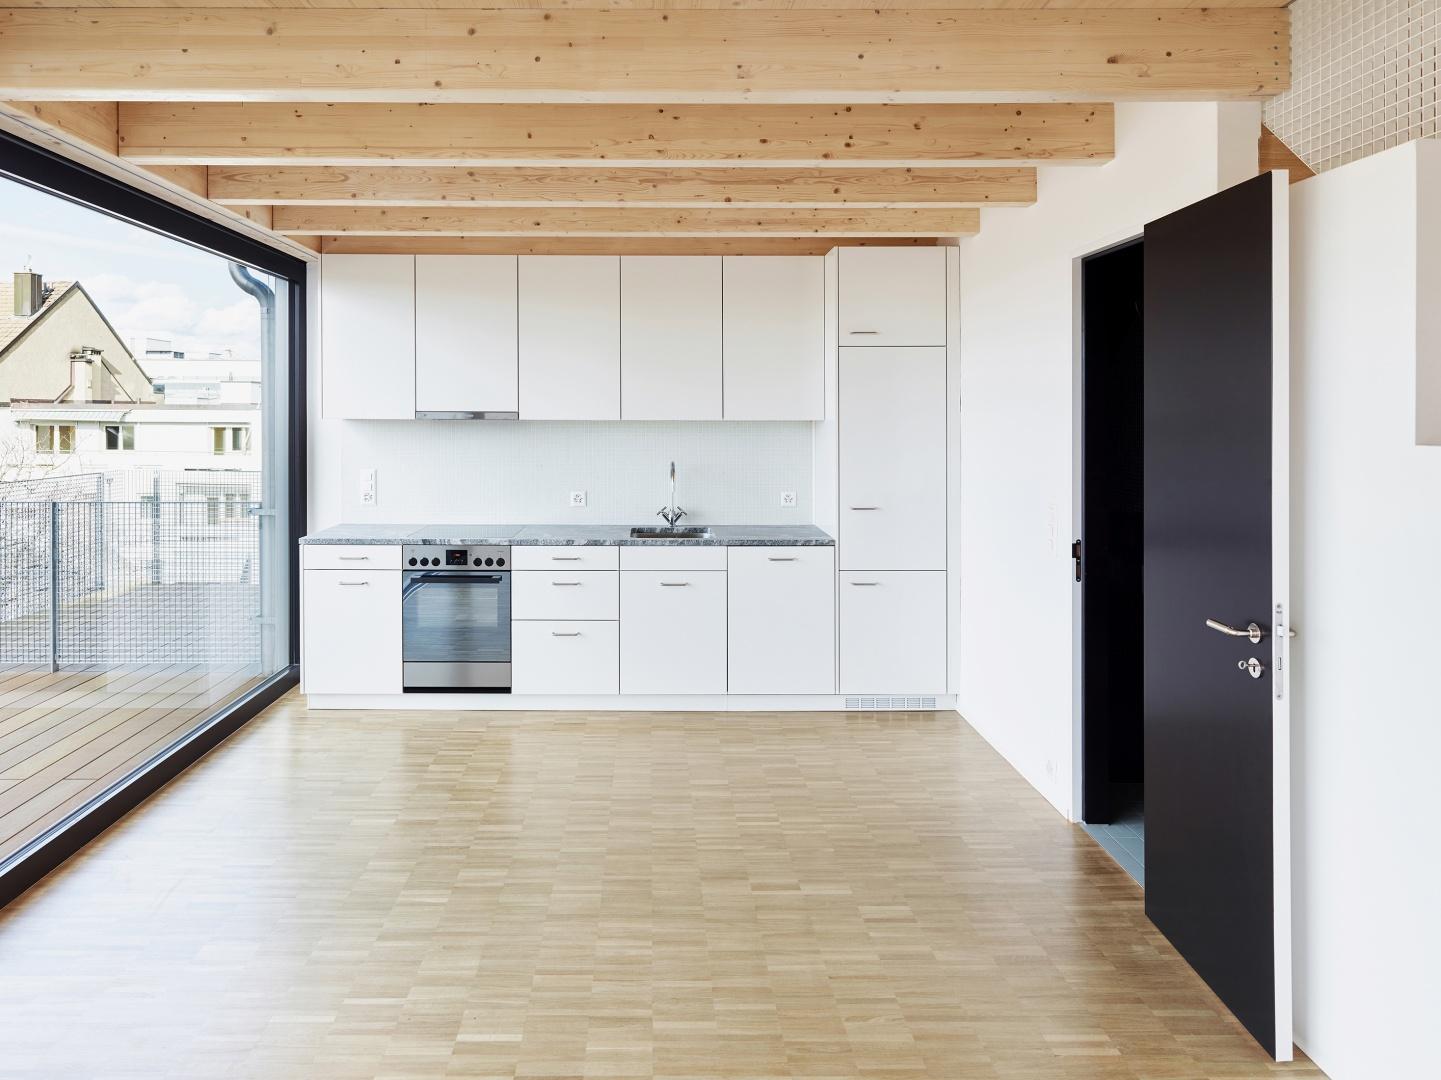 Les poutres de l'étage inférieur sont suspendues aux deux pannes faîtières. Les subdivisions des fenêtres relevables reprennent l'alignement  des poutres. © Lukas Räber